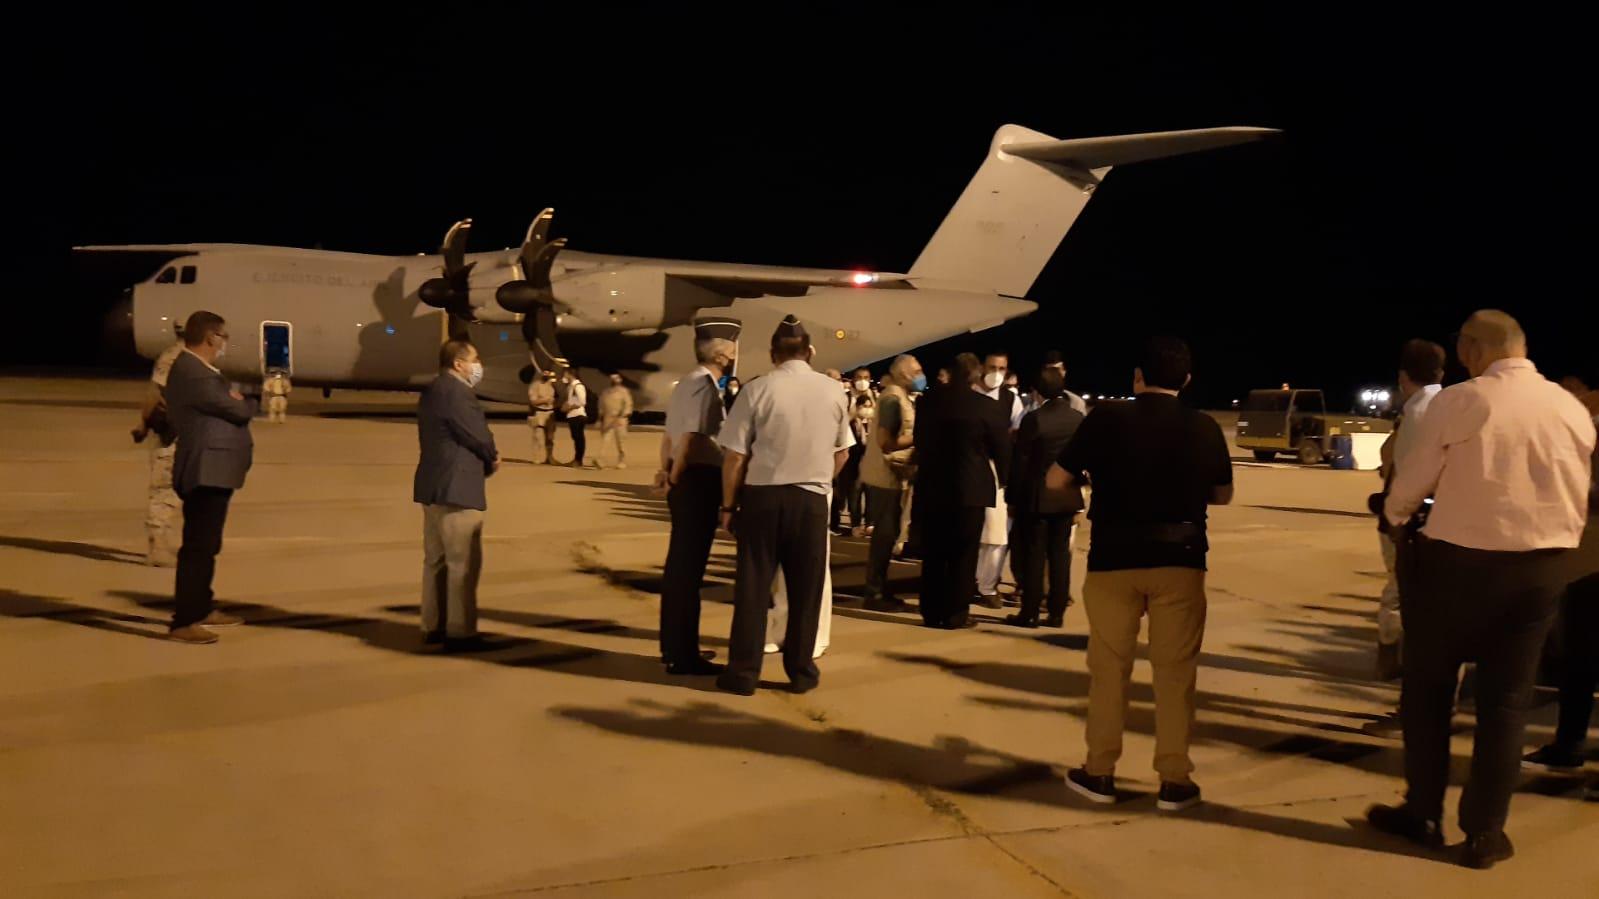 Rebuda d'un avió procedent de l'Afganistan   Twitter Ministeri Seguretat Social i Migracions